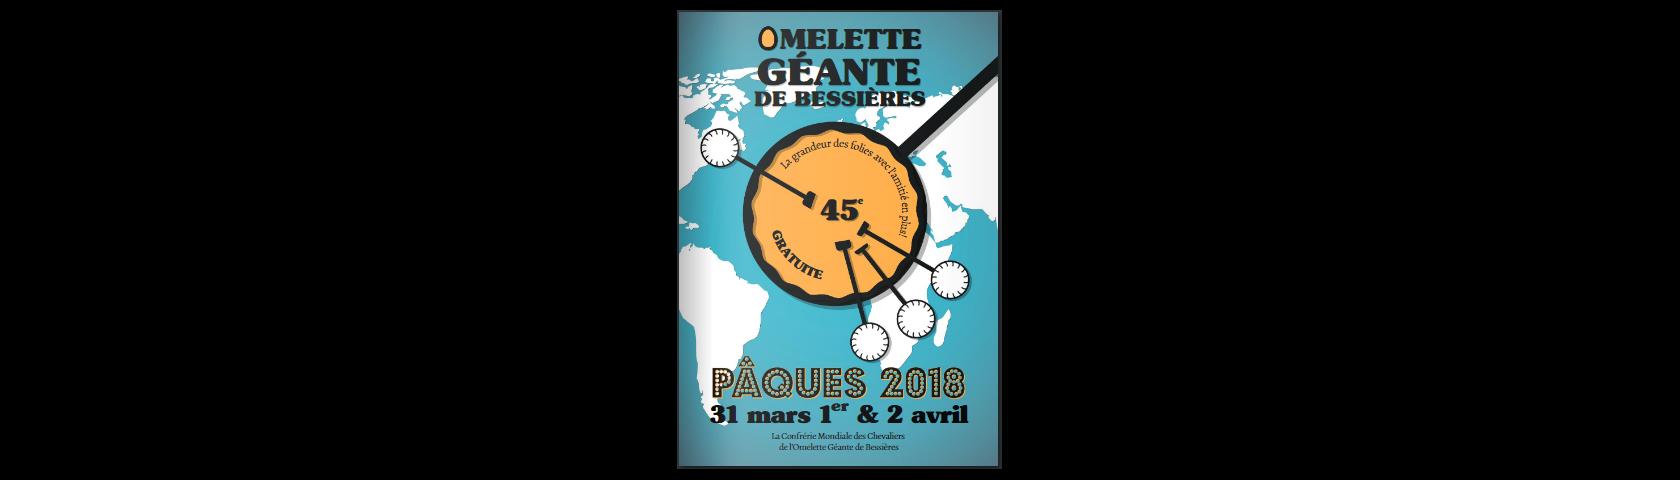 Brochure de l'Omelette Géante de Bessières - 2018